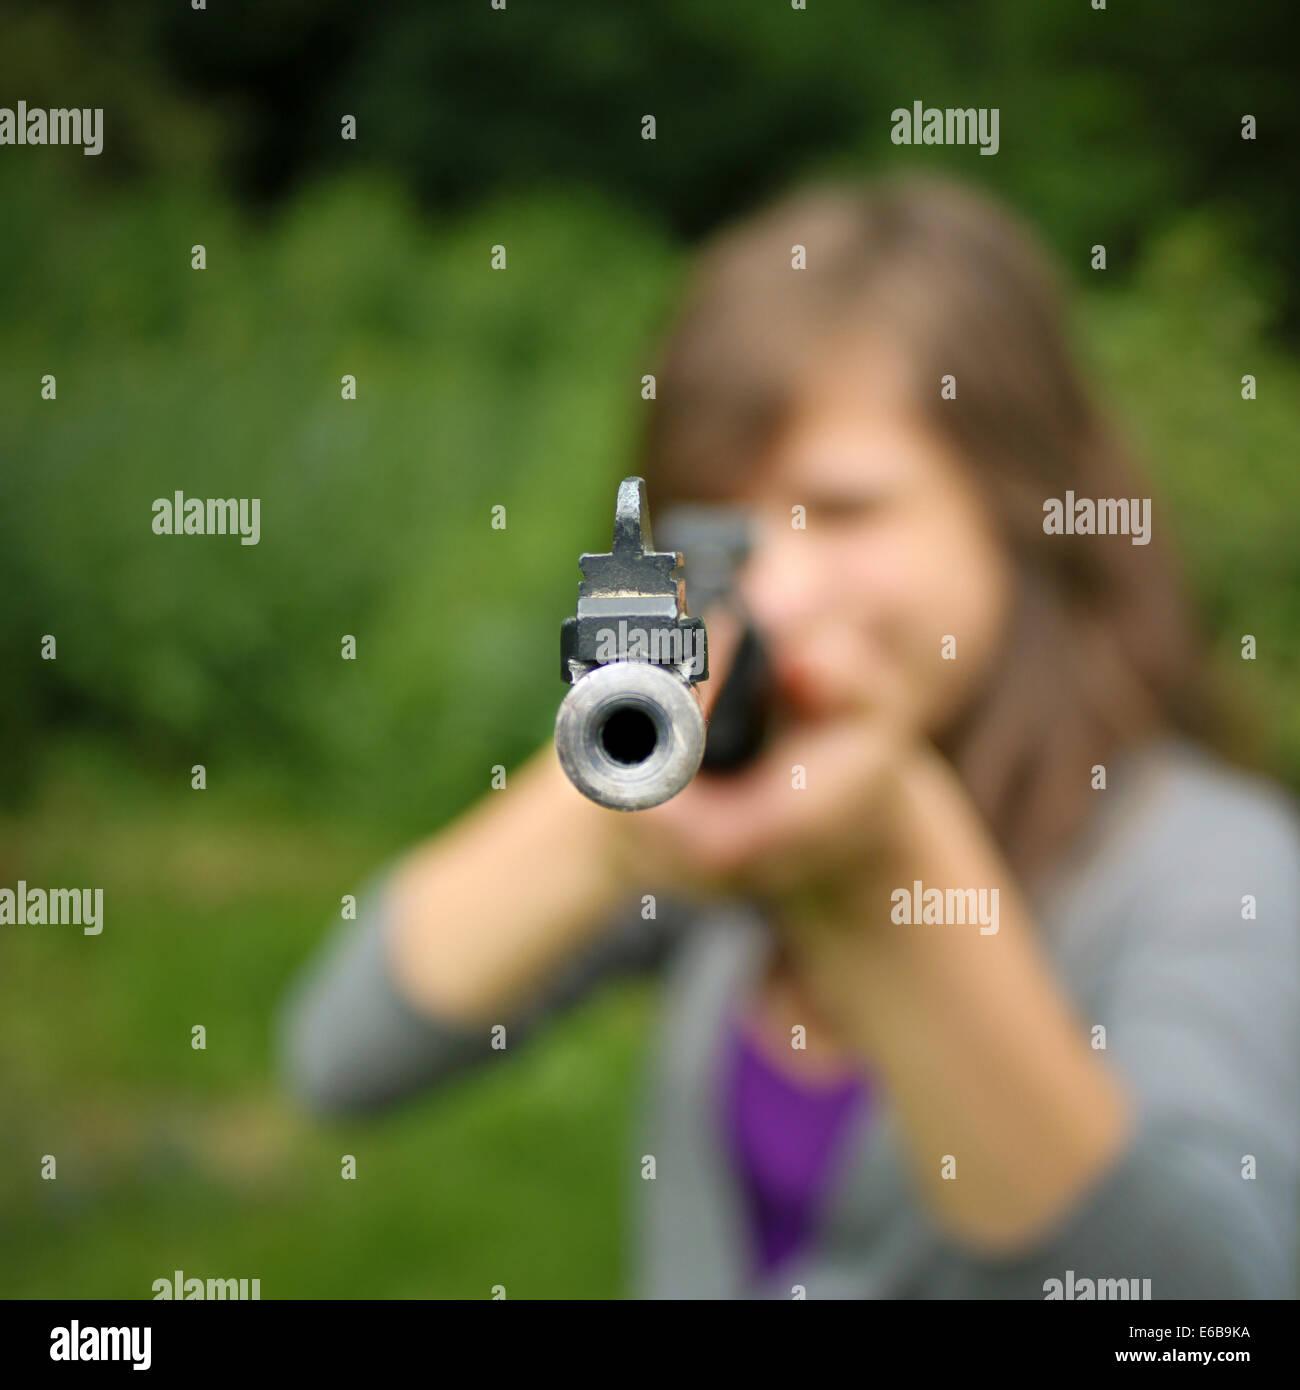 Gewehr, bedrohen, bewaffnet Stockbild